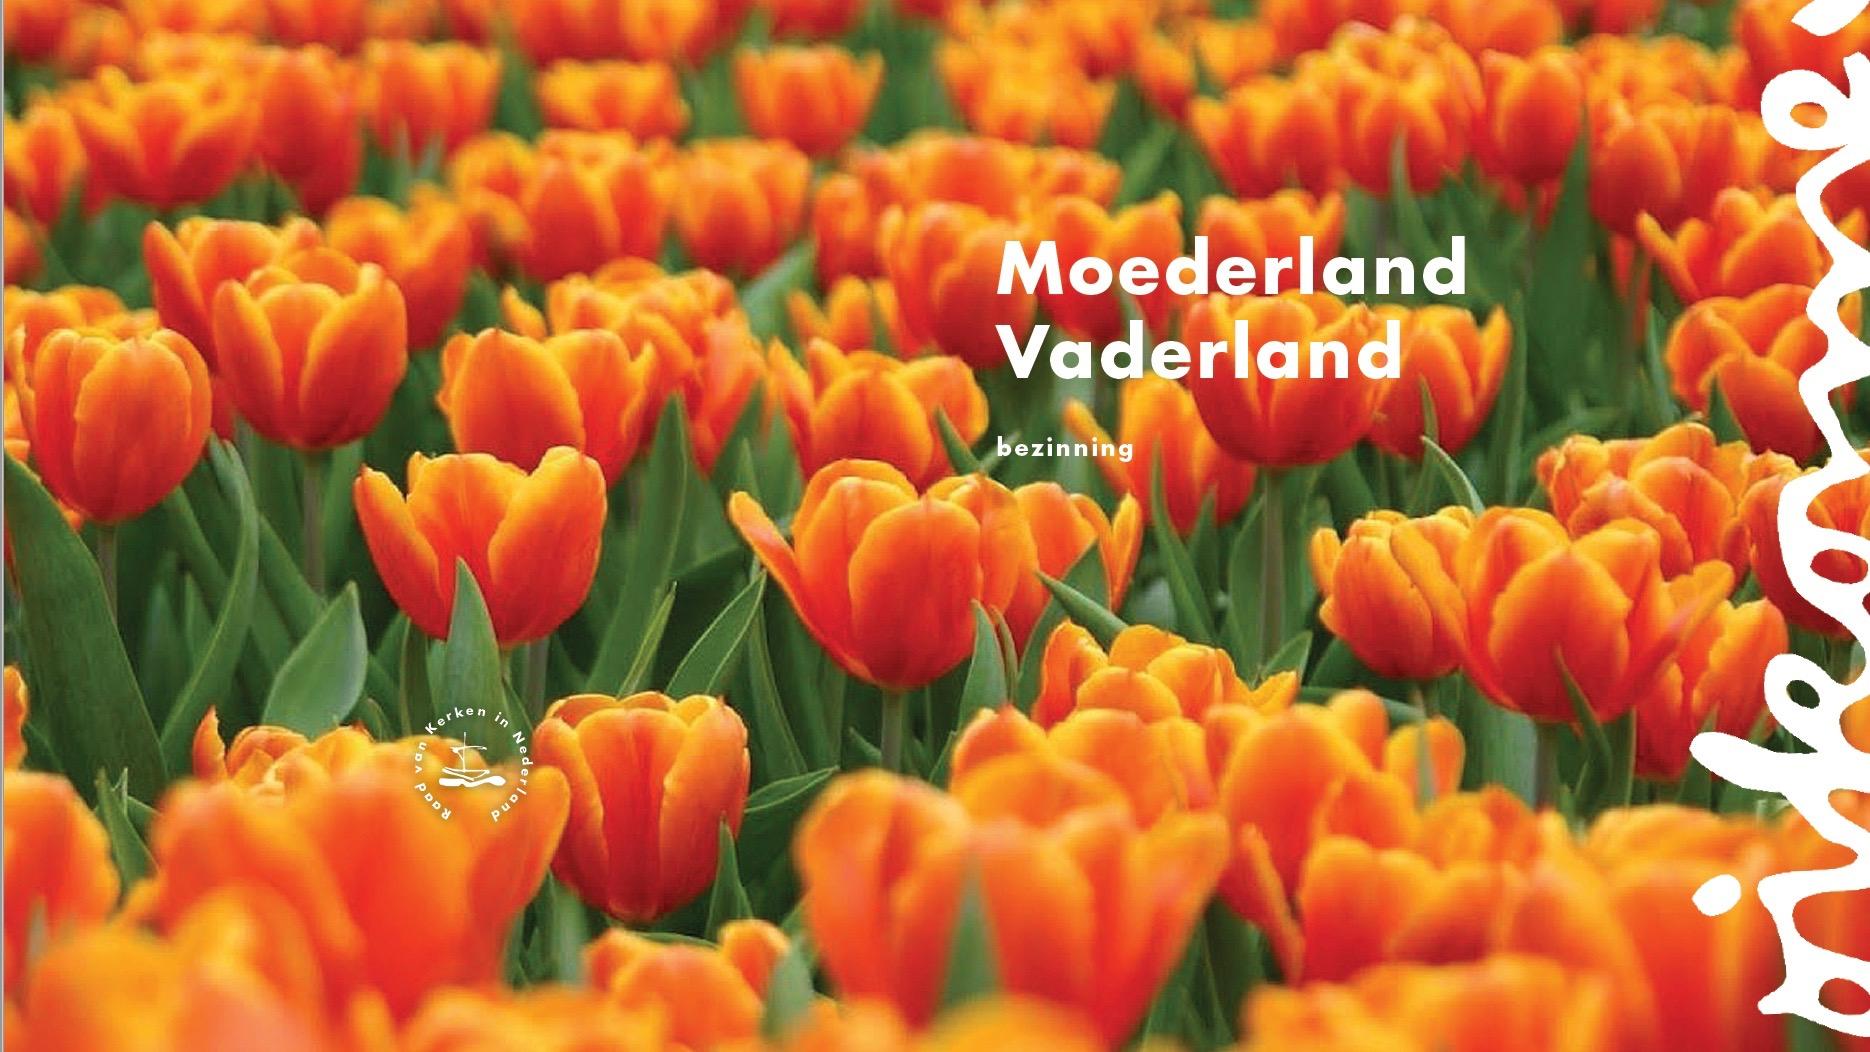 Moederland Vaderland